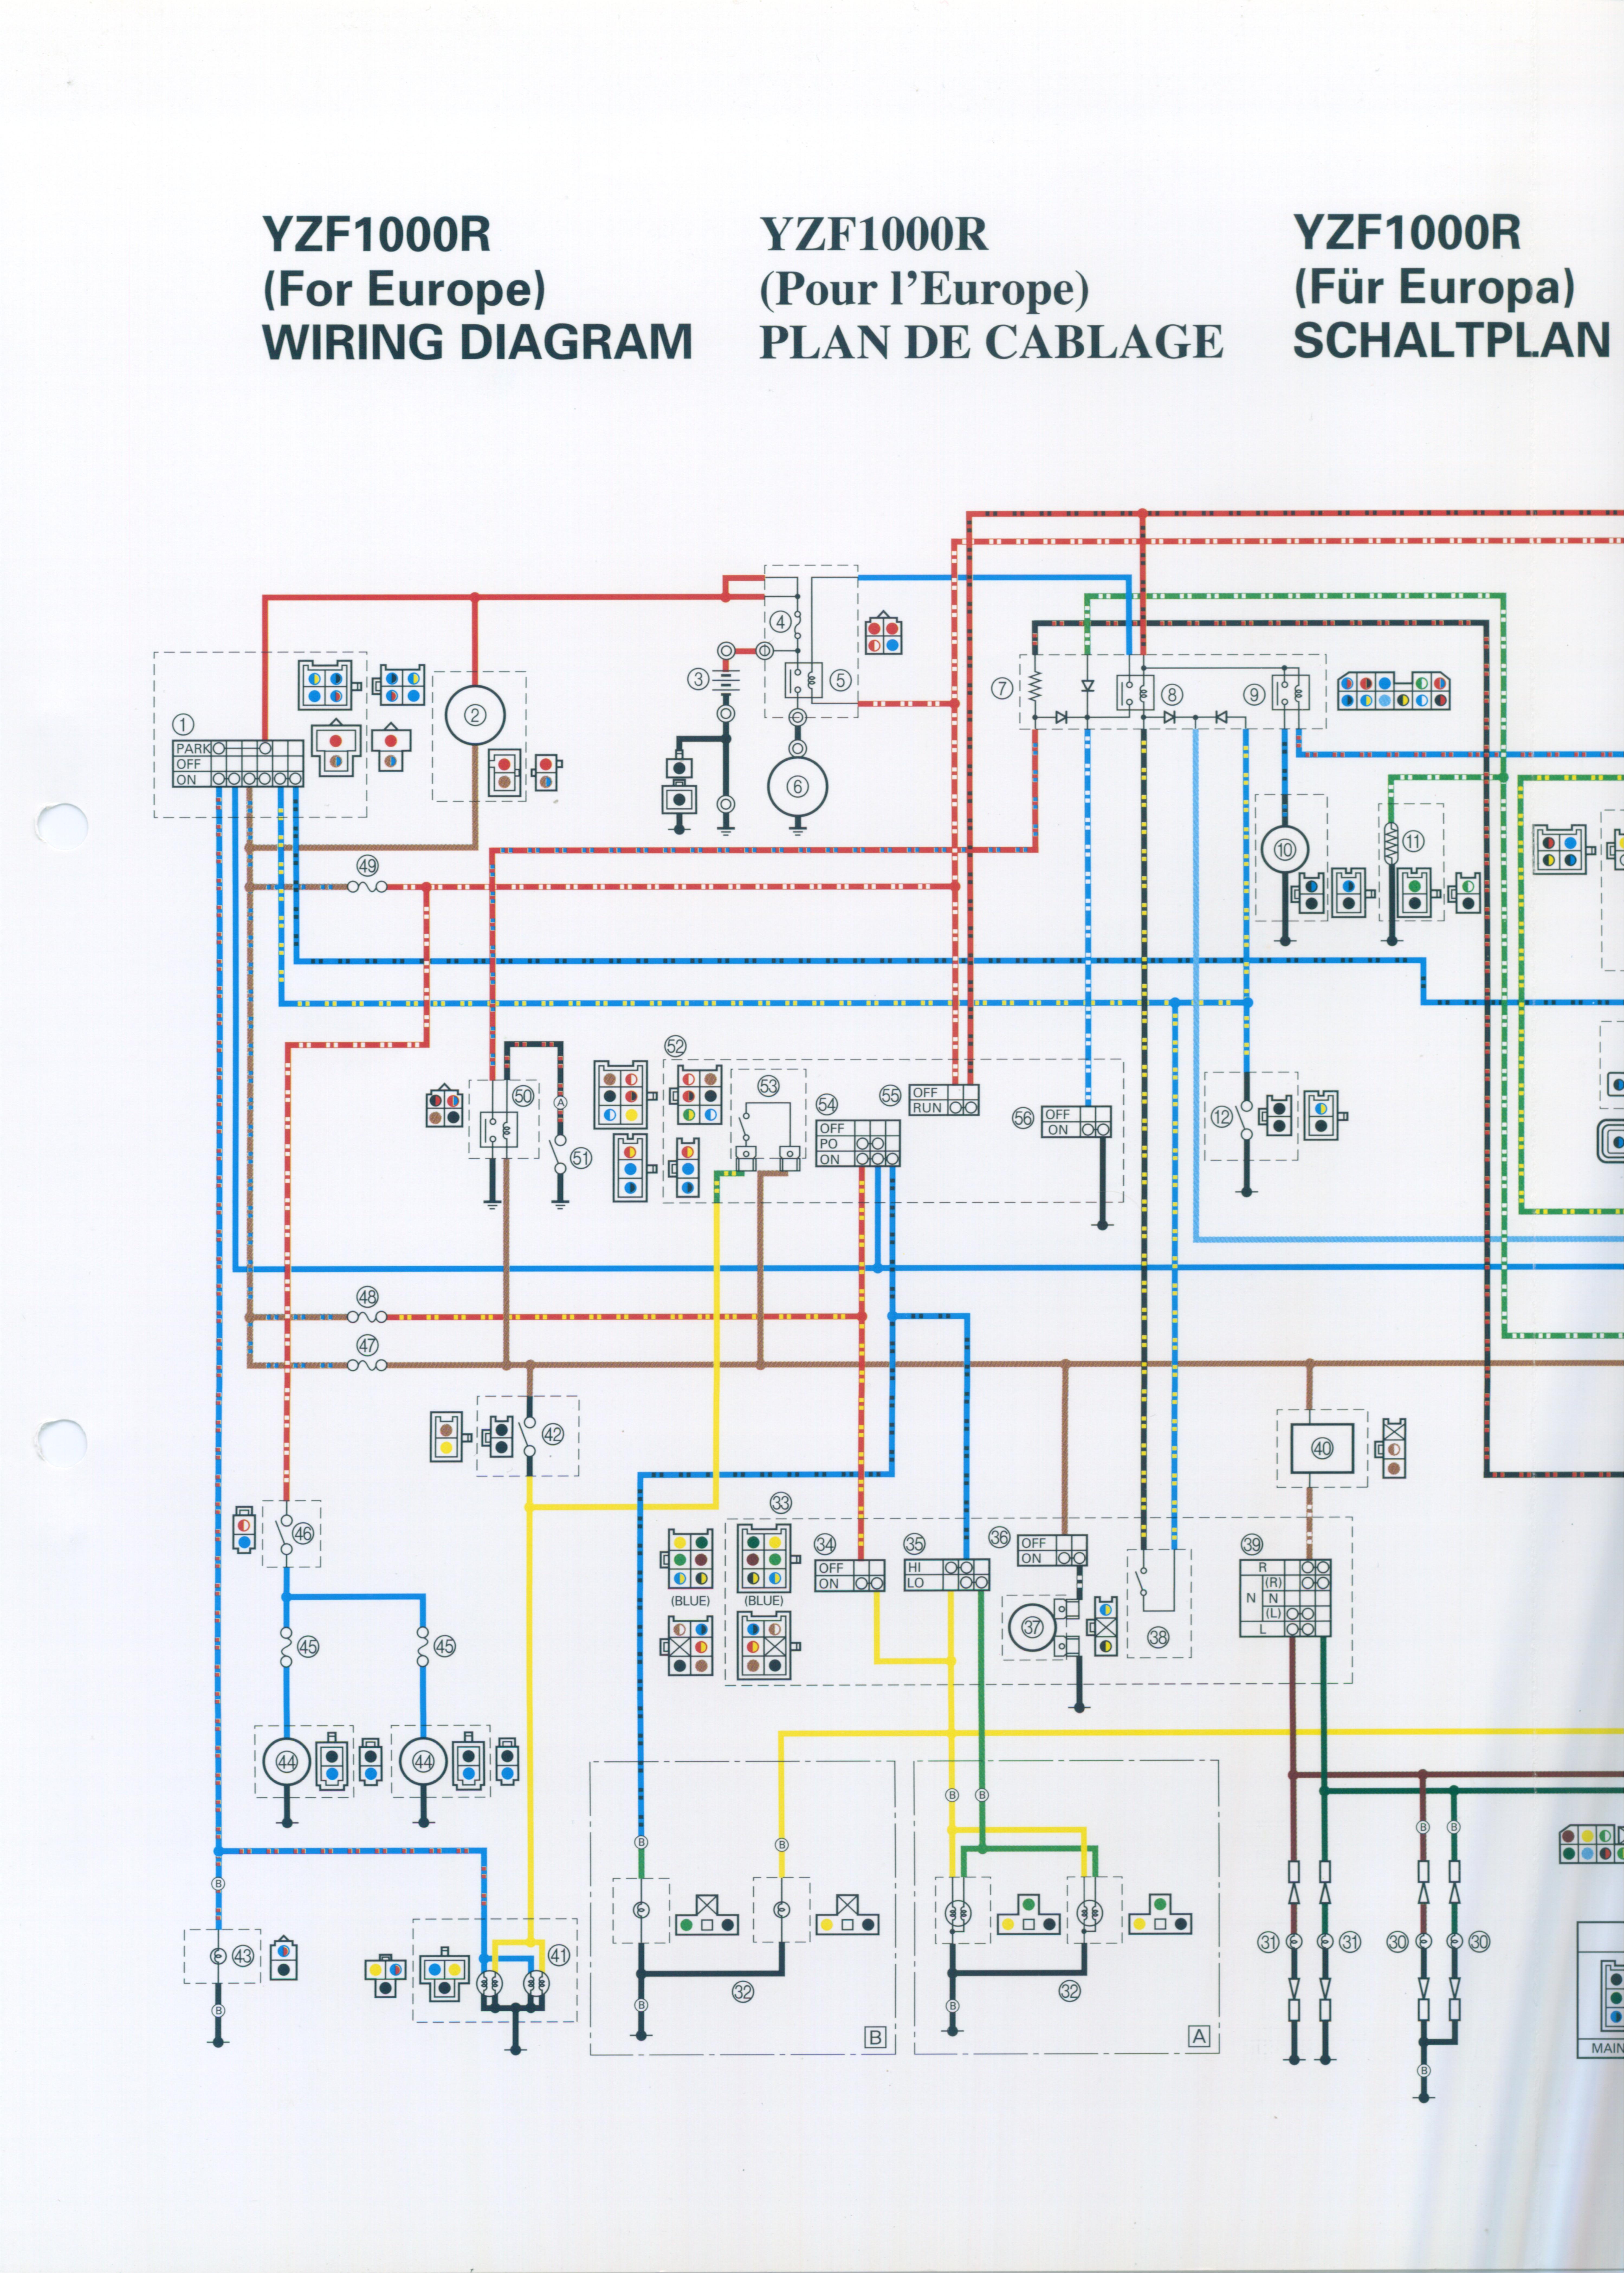 yamaha yzf 1000 wiring diagram wiring diagram insider yamaha yzf 1000 wiring diagram